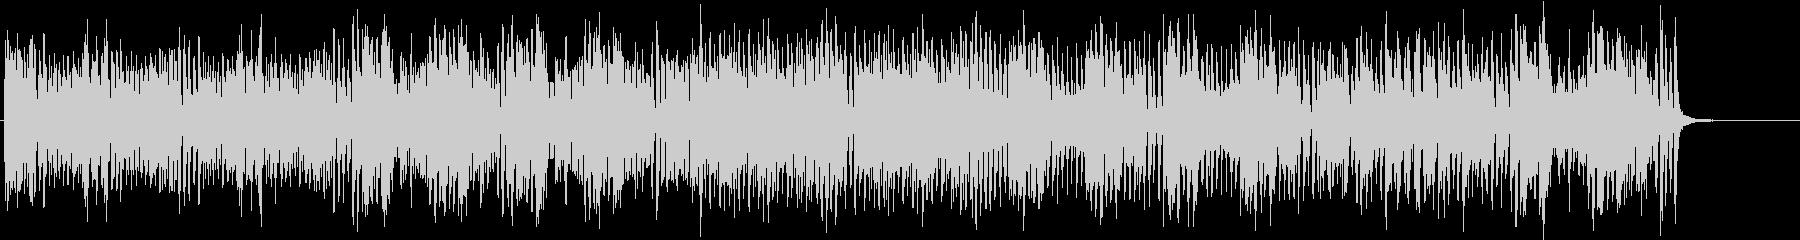 軽快でスピード感あるBGMの未再生の波形